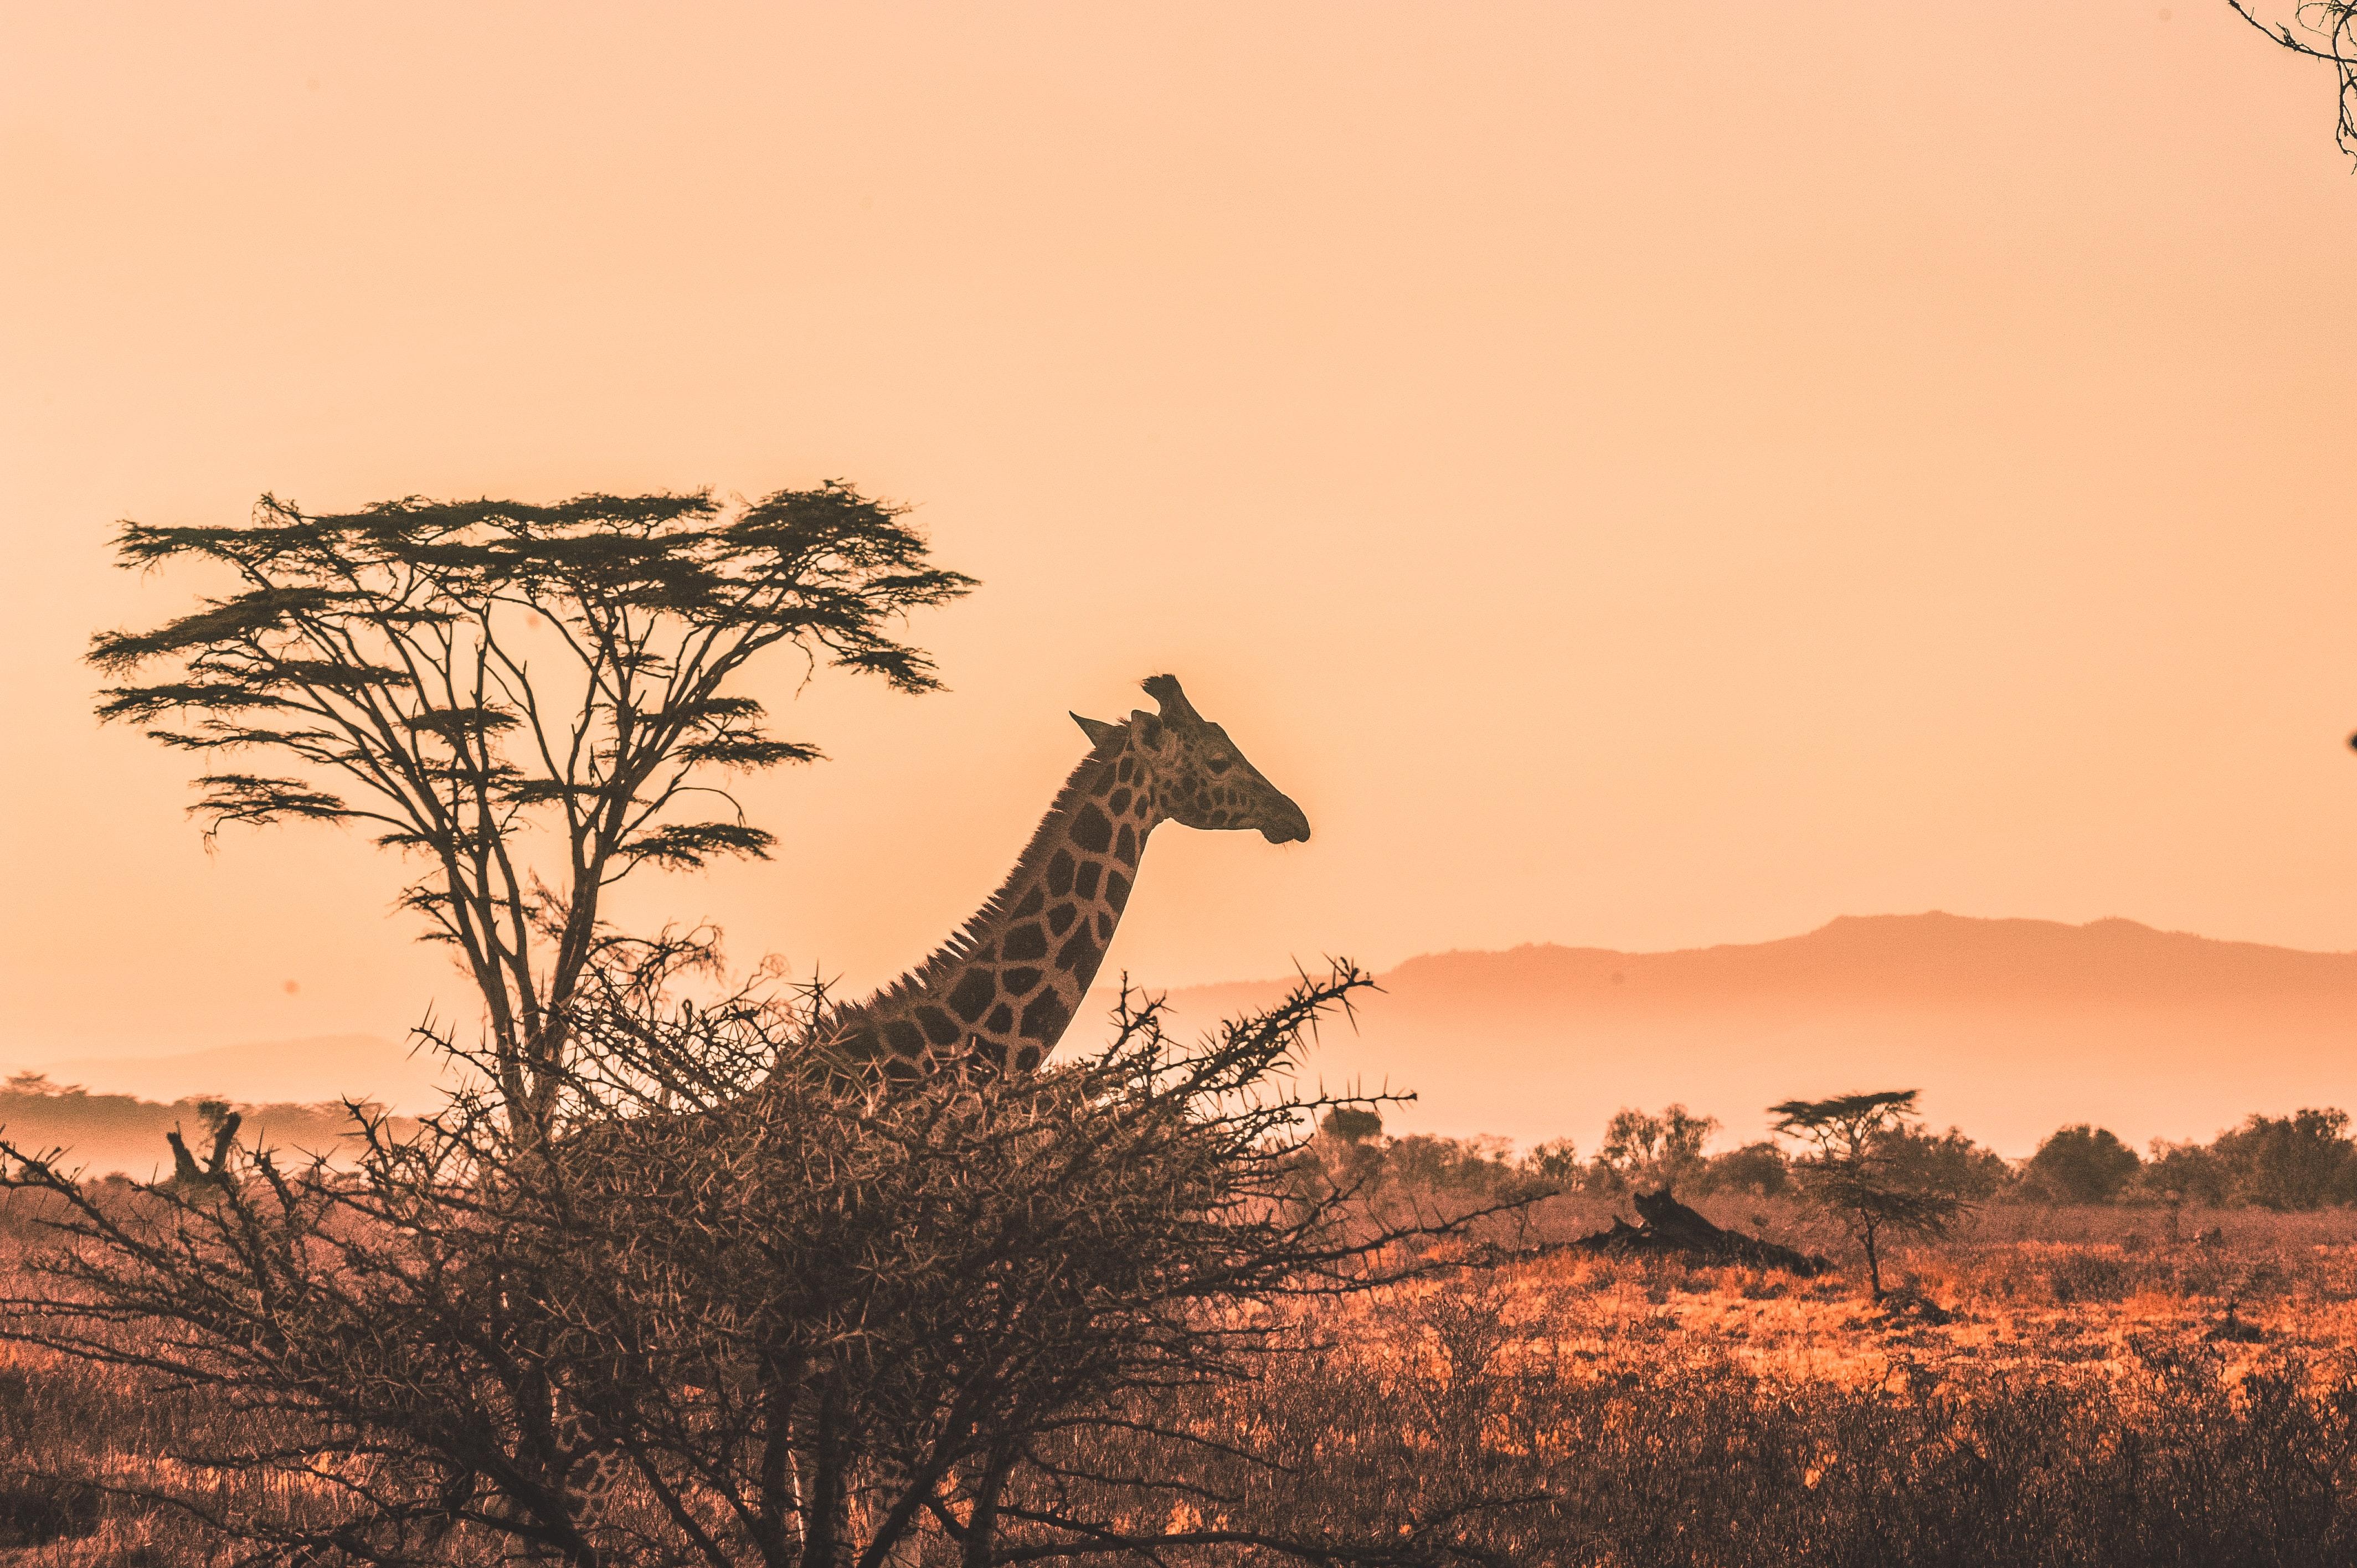 Zambia-giraffe-national-park-africa-Harshil-Gudka